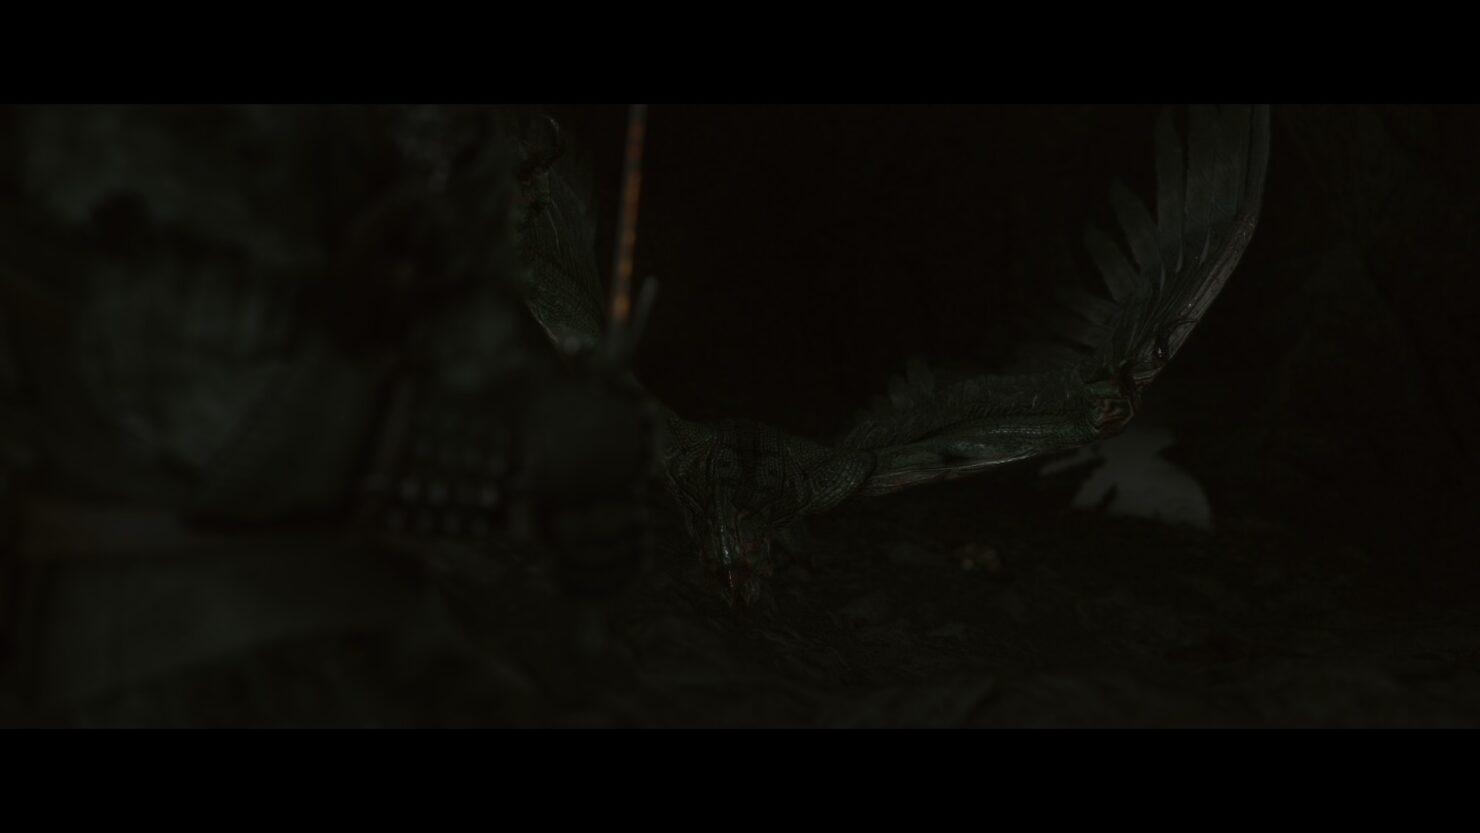 witcher-3-armor-mod-3